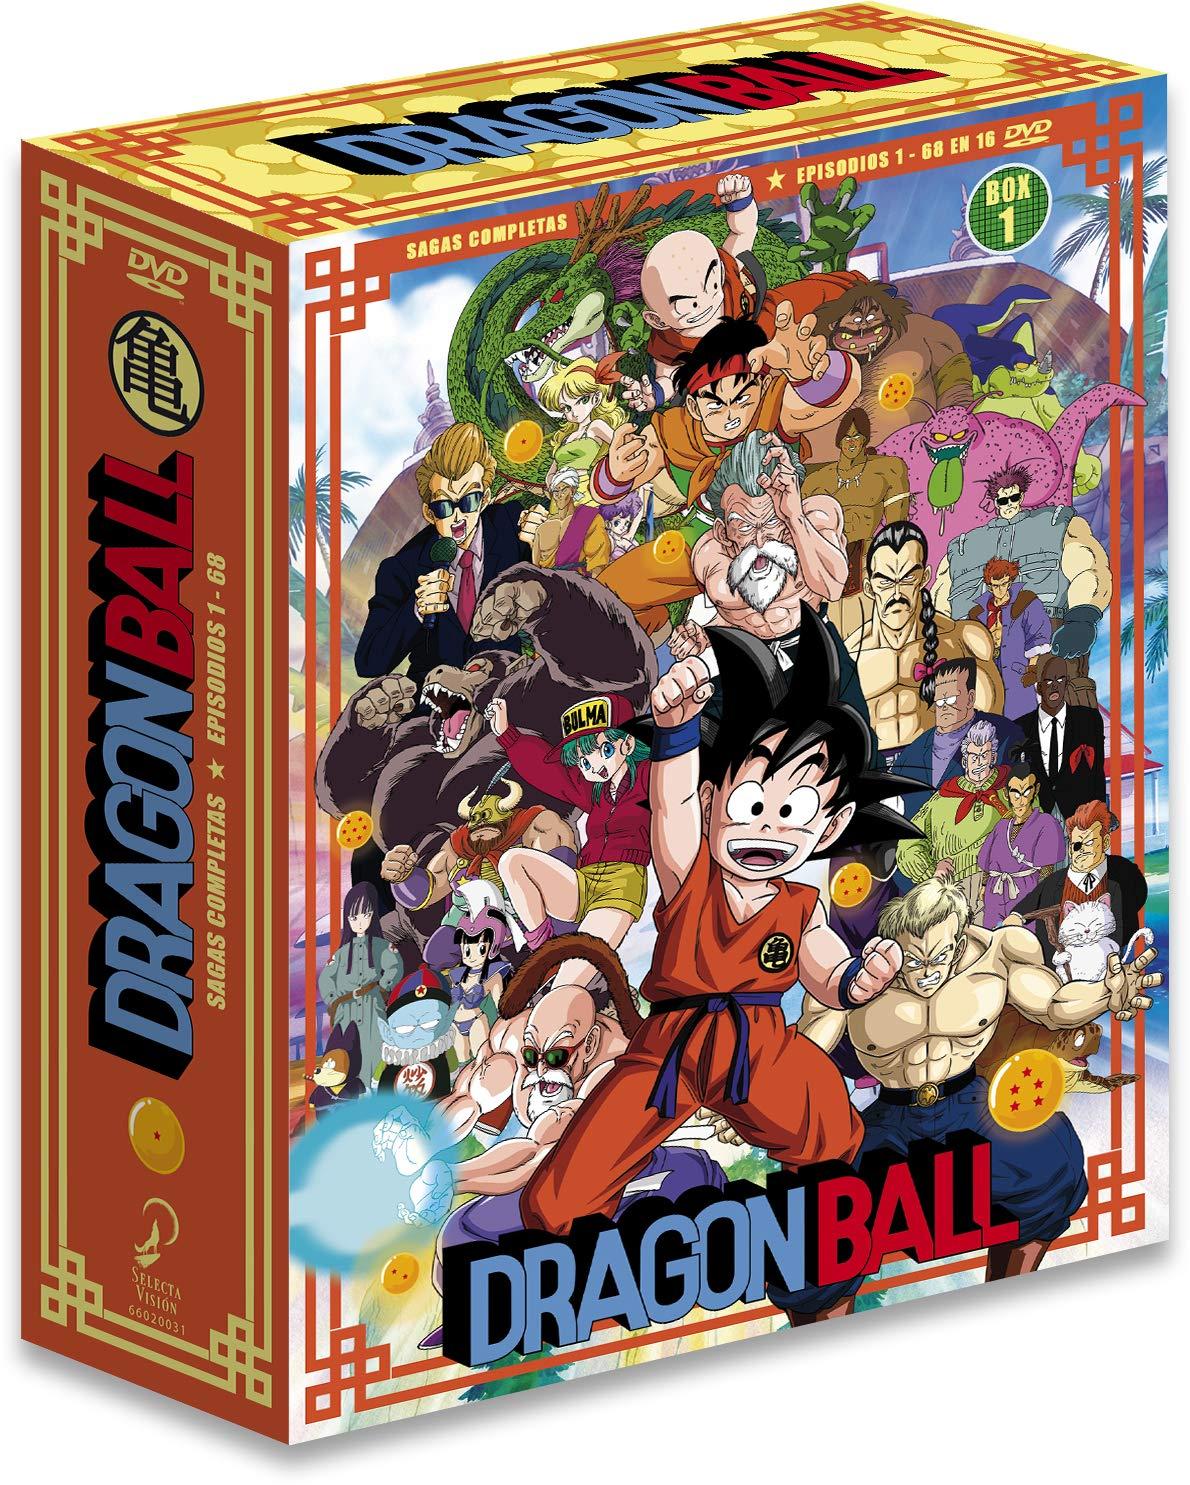 3*2 En Peliculas y Series (DVD y Bluray) Amazon